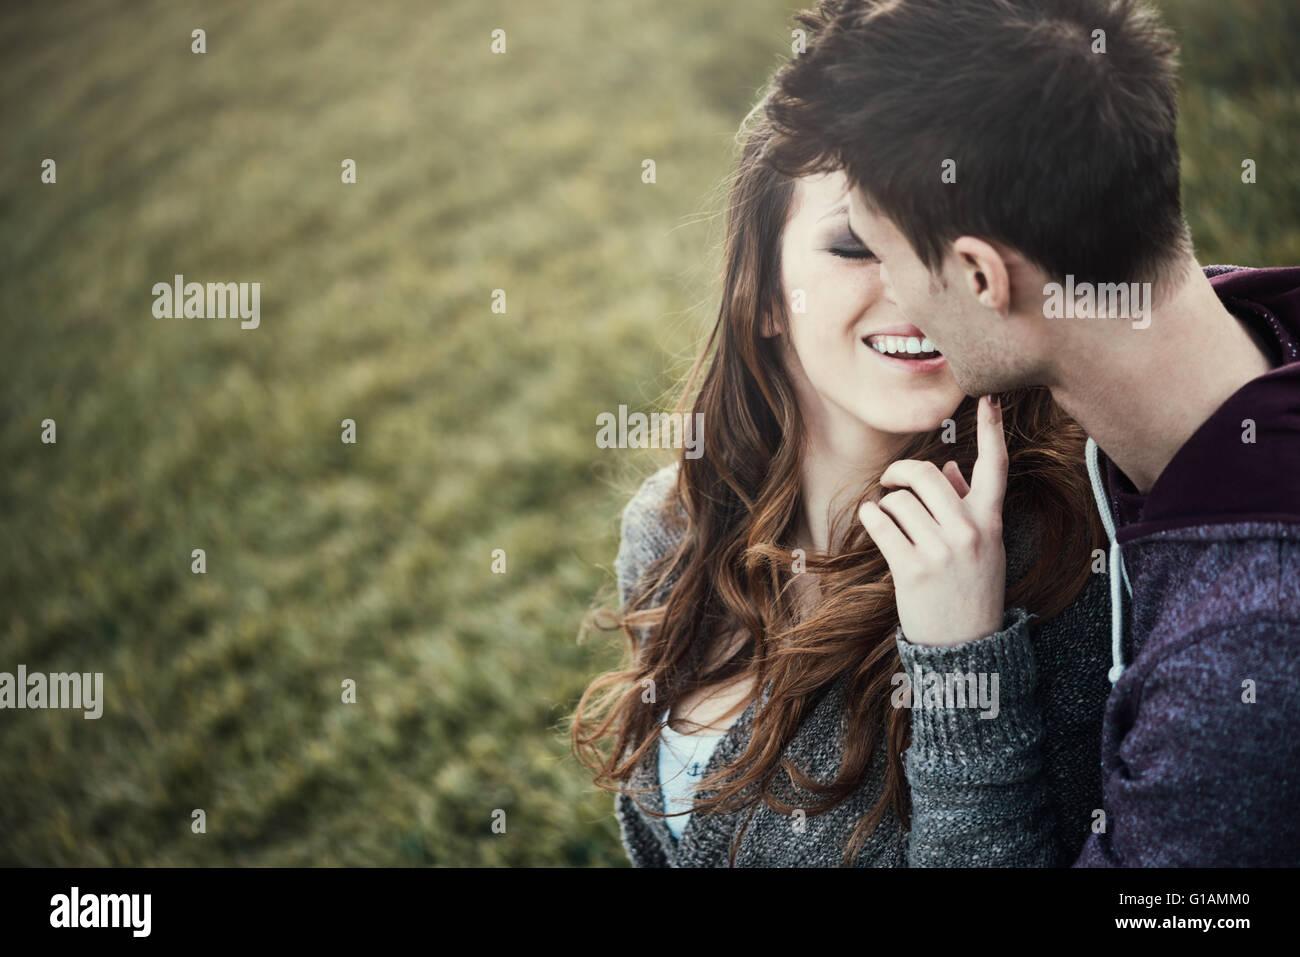 Jovem casal sentado sobre a relva amoroso, ela é flertar com ele, amor e relacionamentos de conceito Imagens de Stock